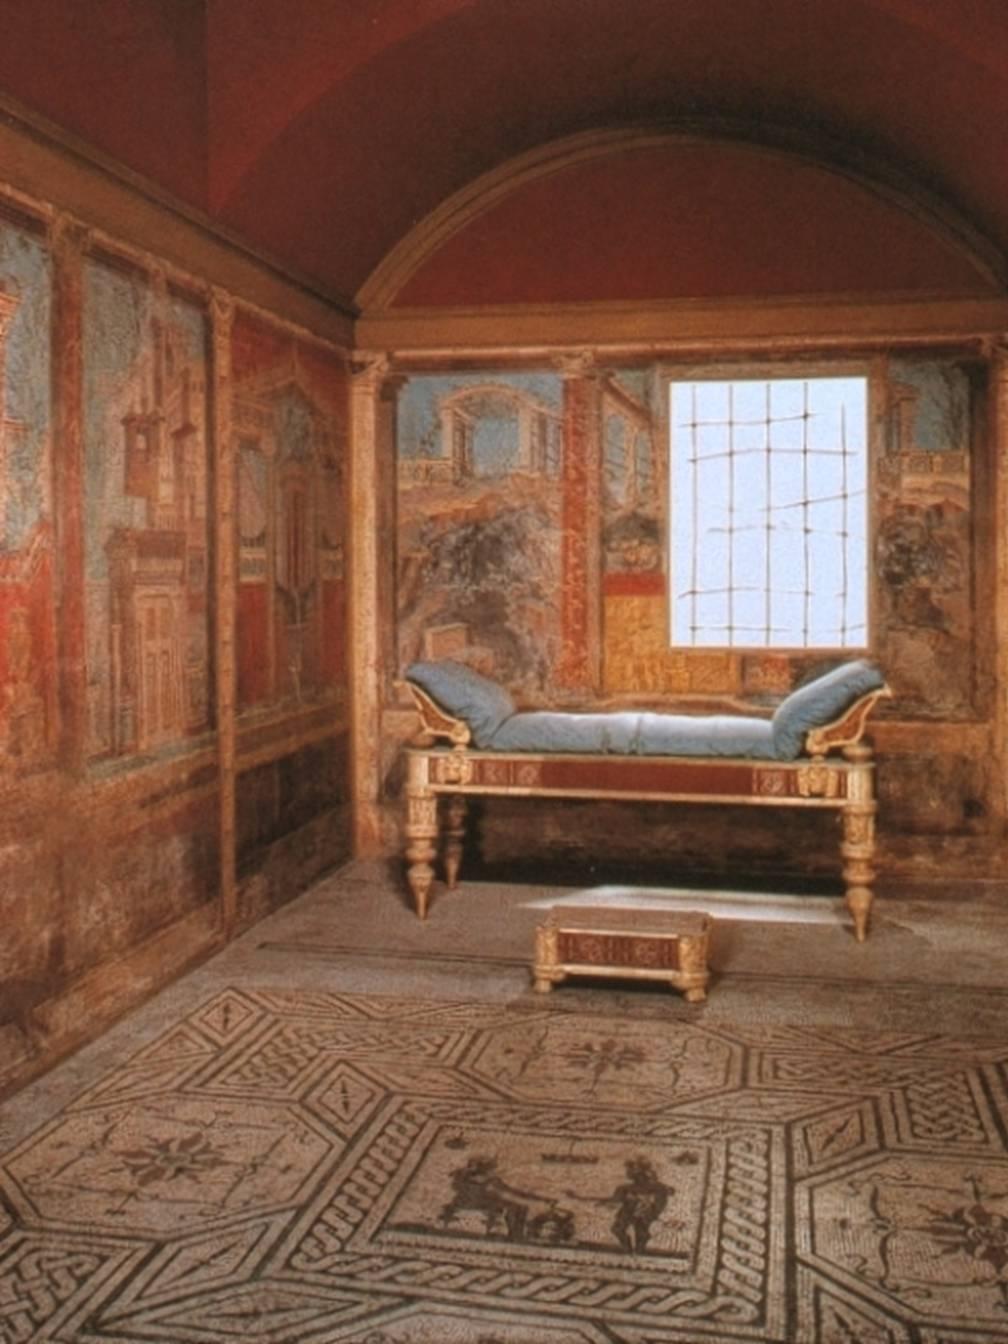 Historia del mueble y de la decoraci n interiorista 2 Casas griegas antiguas